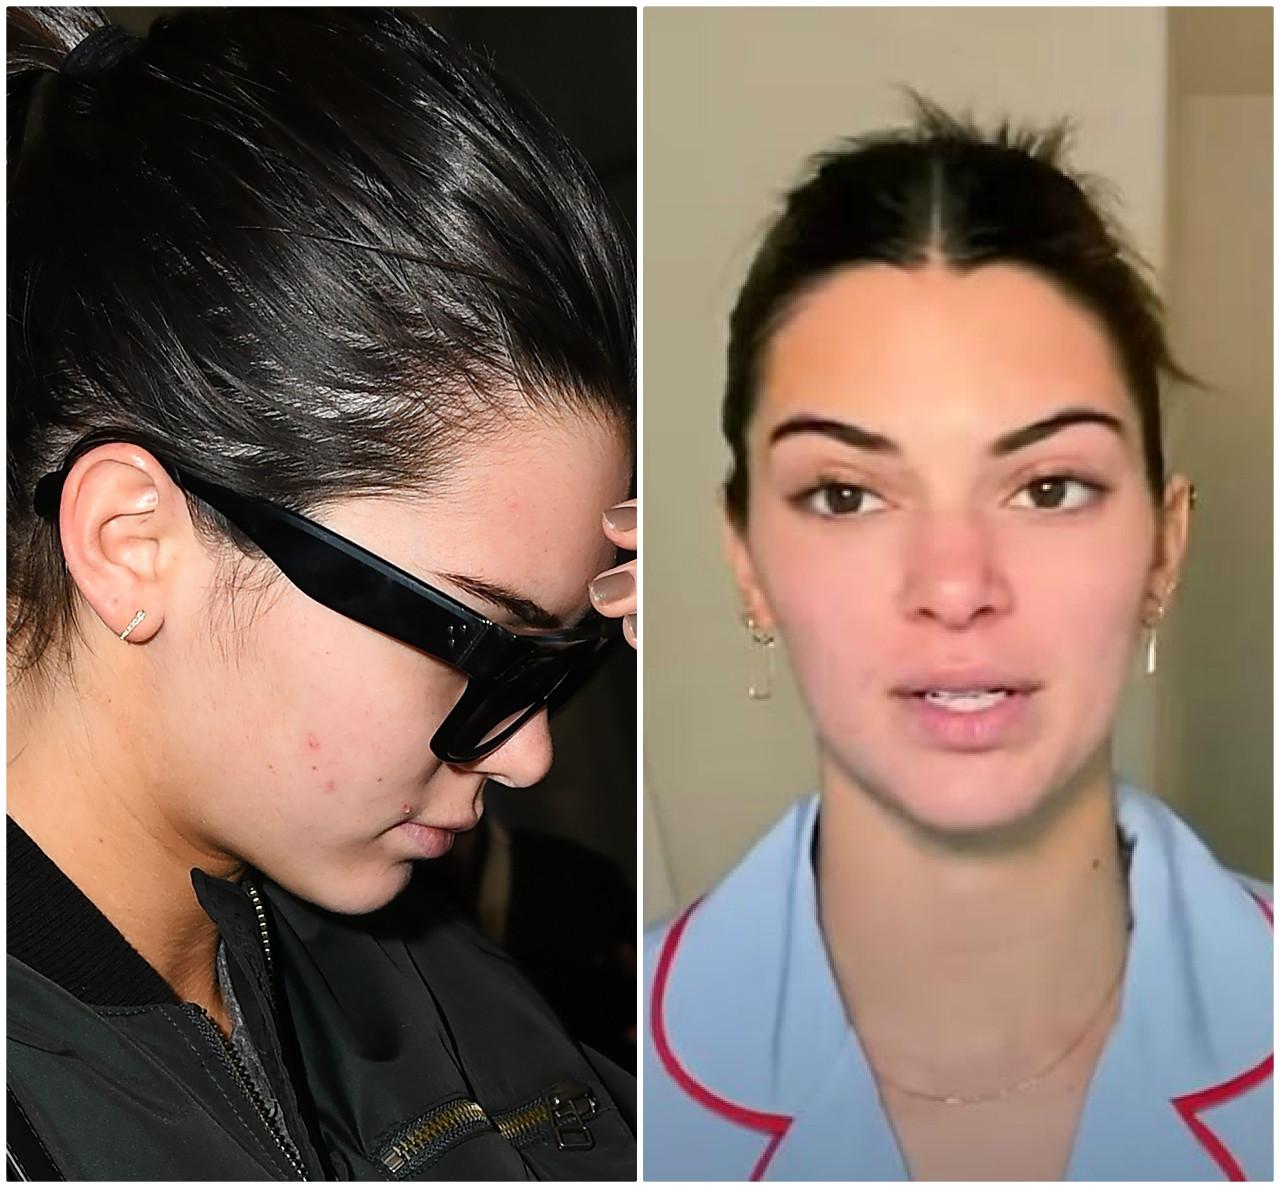 Kendall Jenner kiedyś i dziś - tak wyglądała jej cera, gdy miała problemy z trądzikiem.